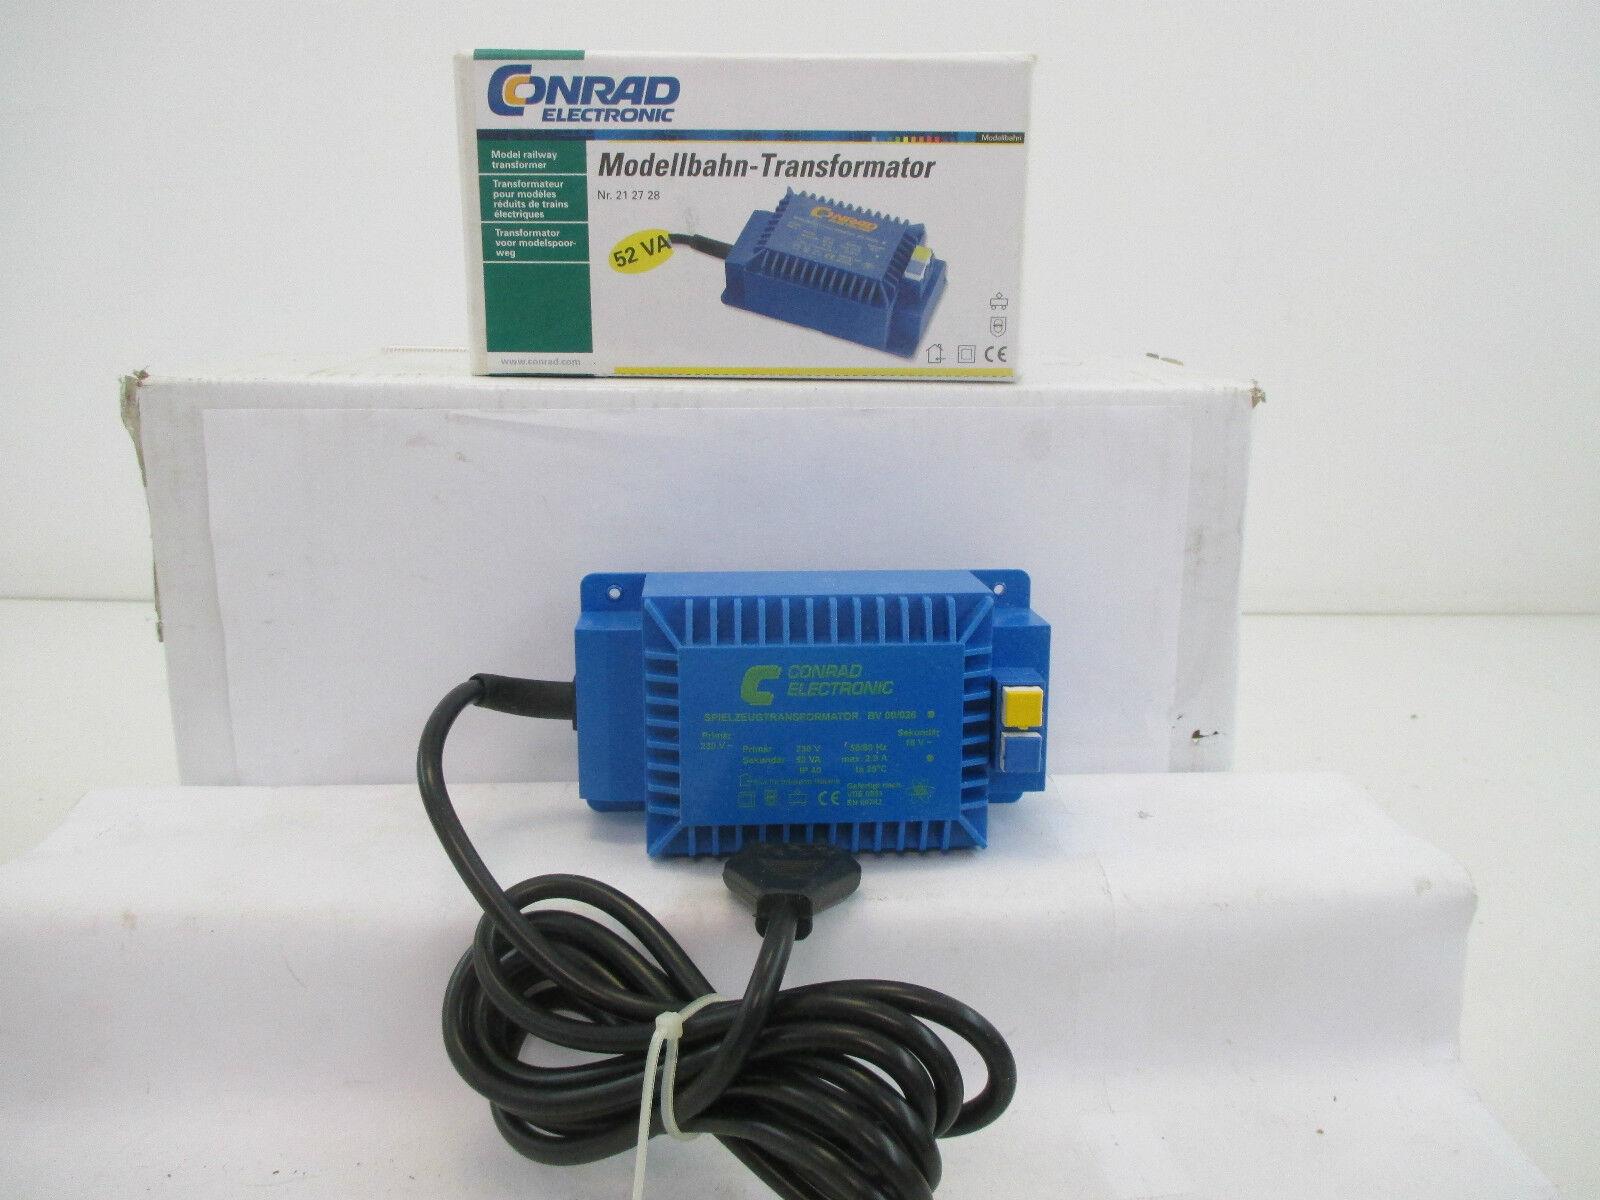 Conrad 212728 high-performance transformer BV 00 026 52va Transformer wt6830